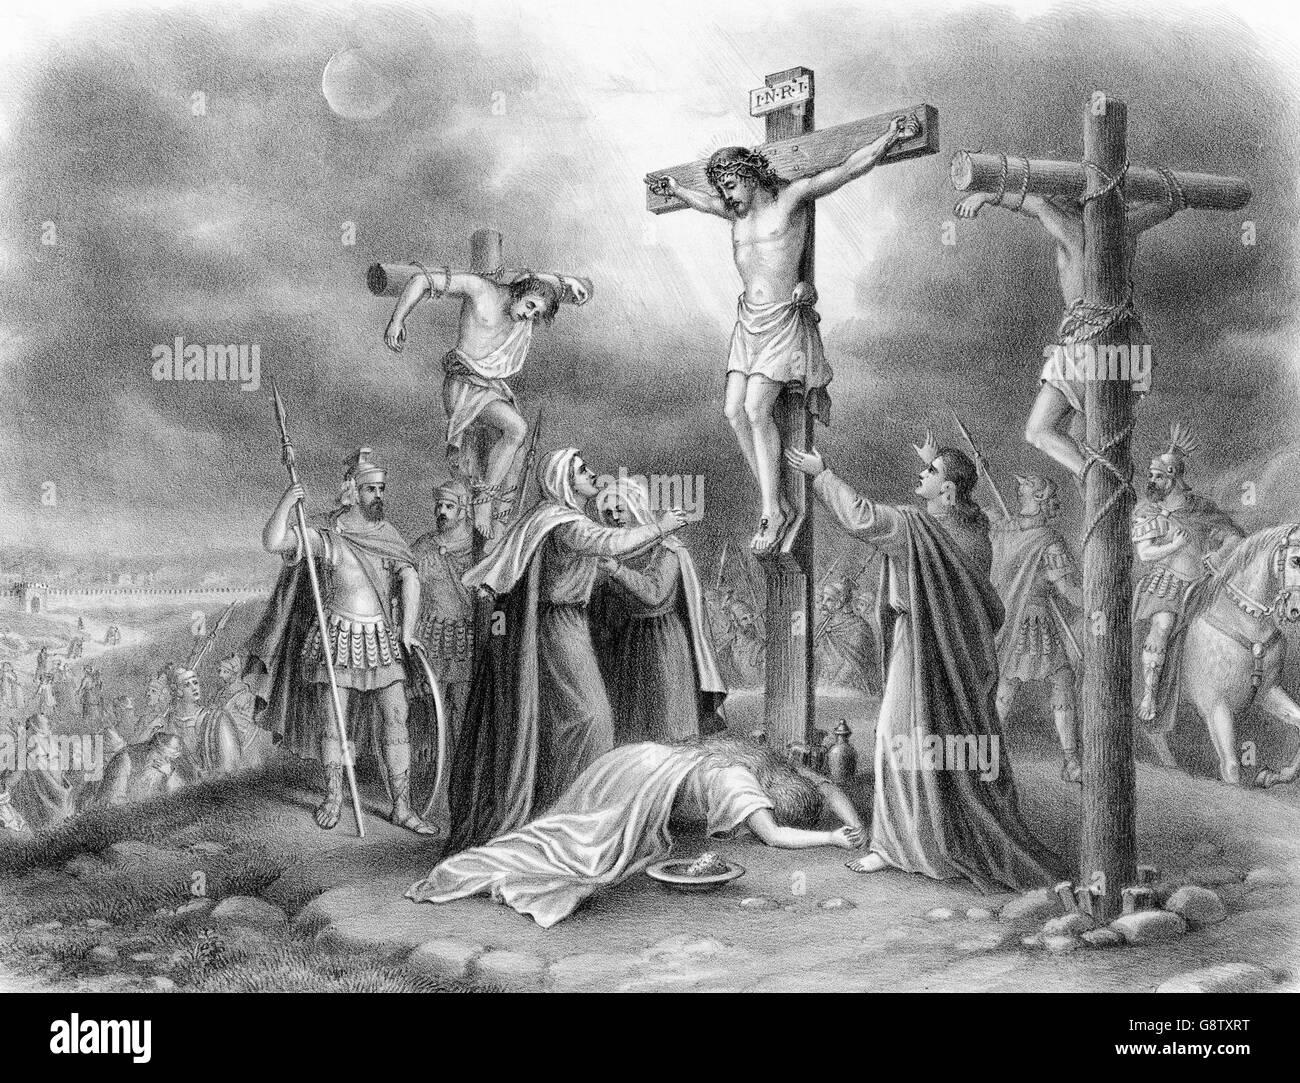 Die Kreuzigung Christi. Gravur von einem Gemälde von Louis Kurz, c.1907. Stockbild